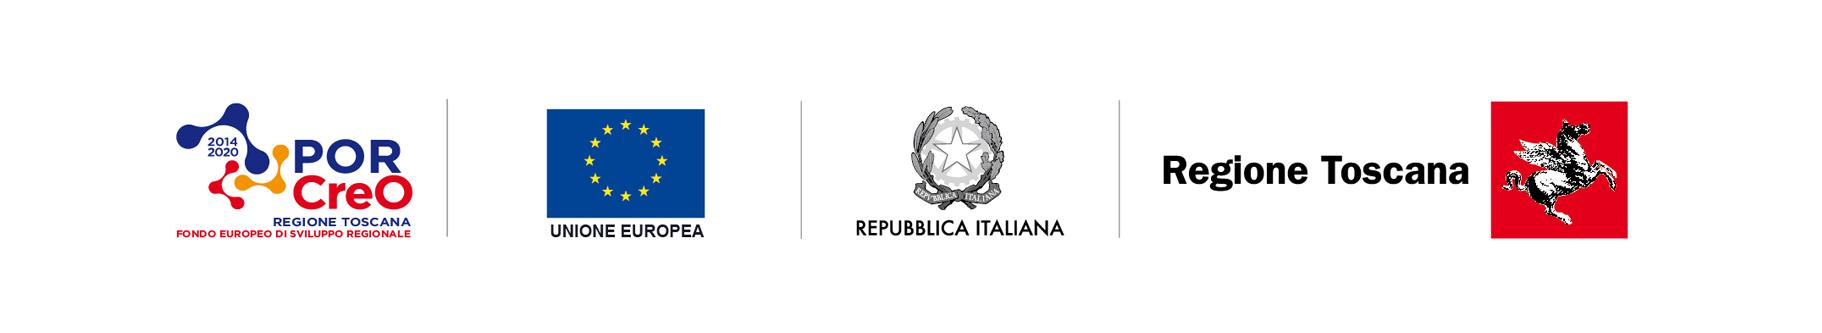 EFESTO: POR FESR Toscana 2014-2020